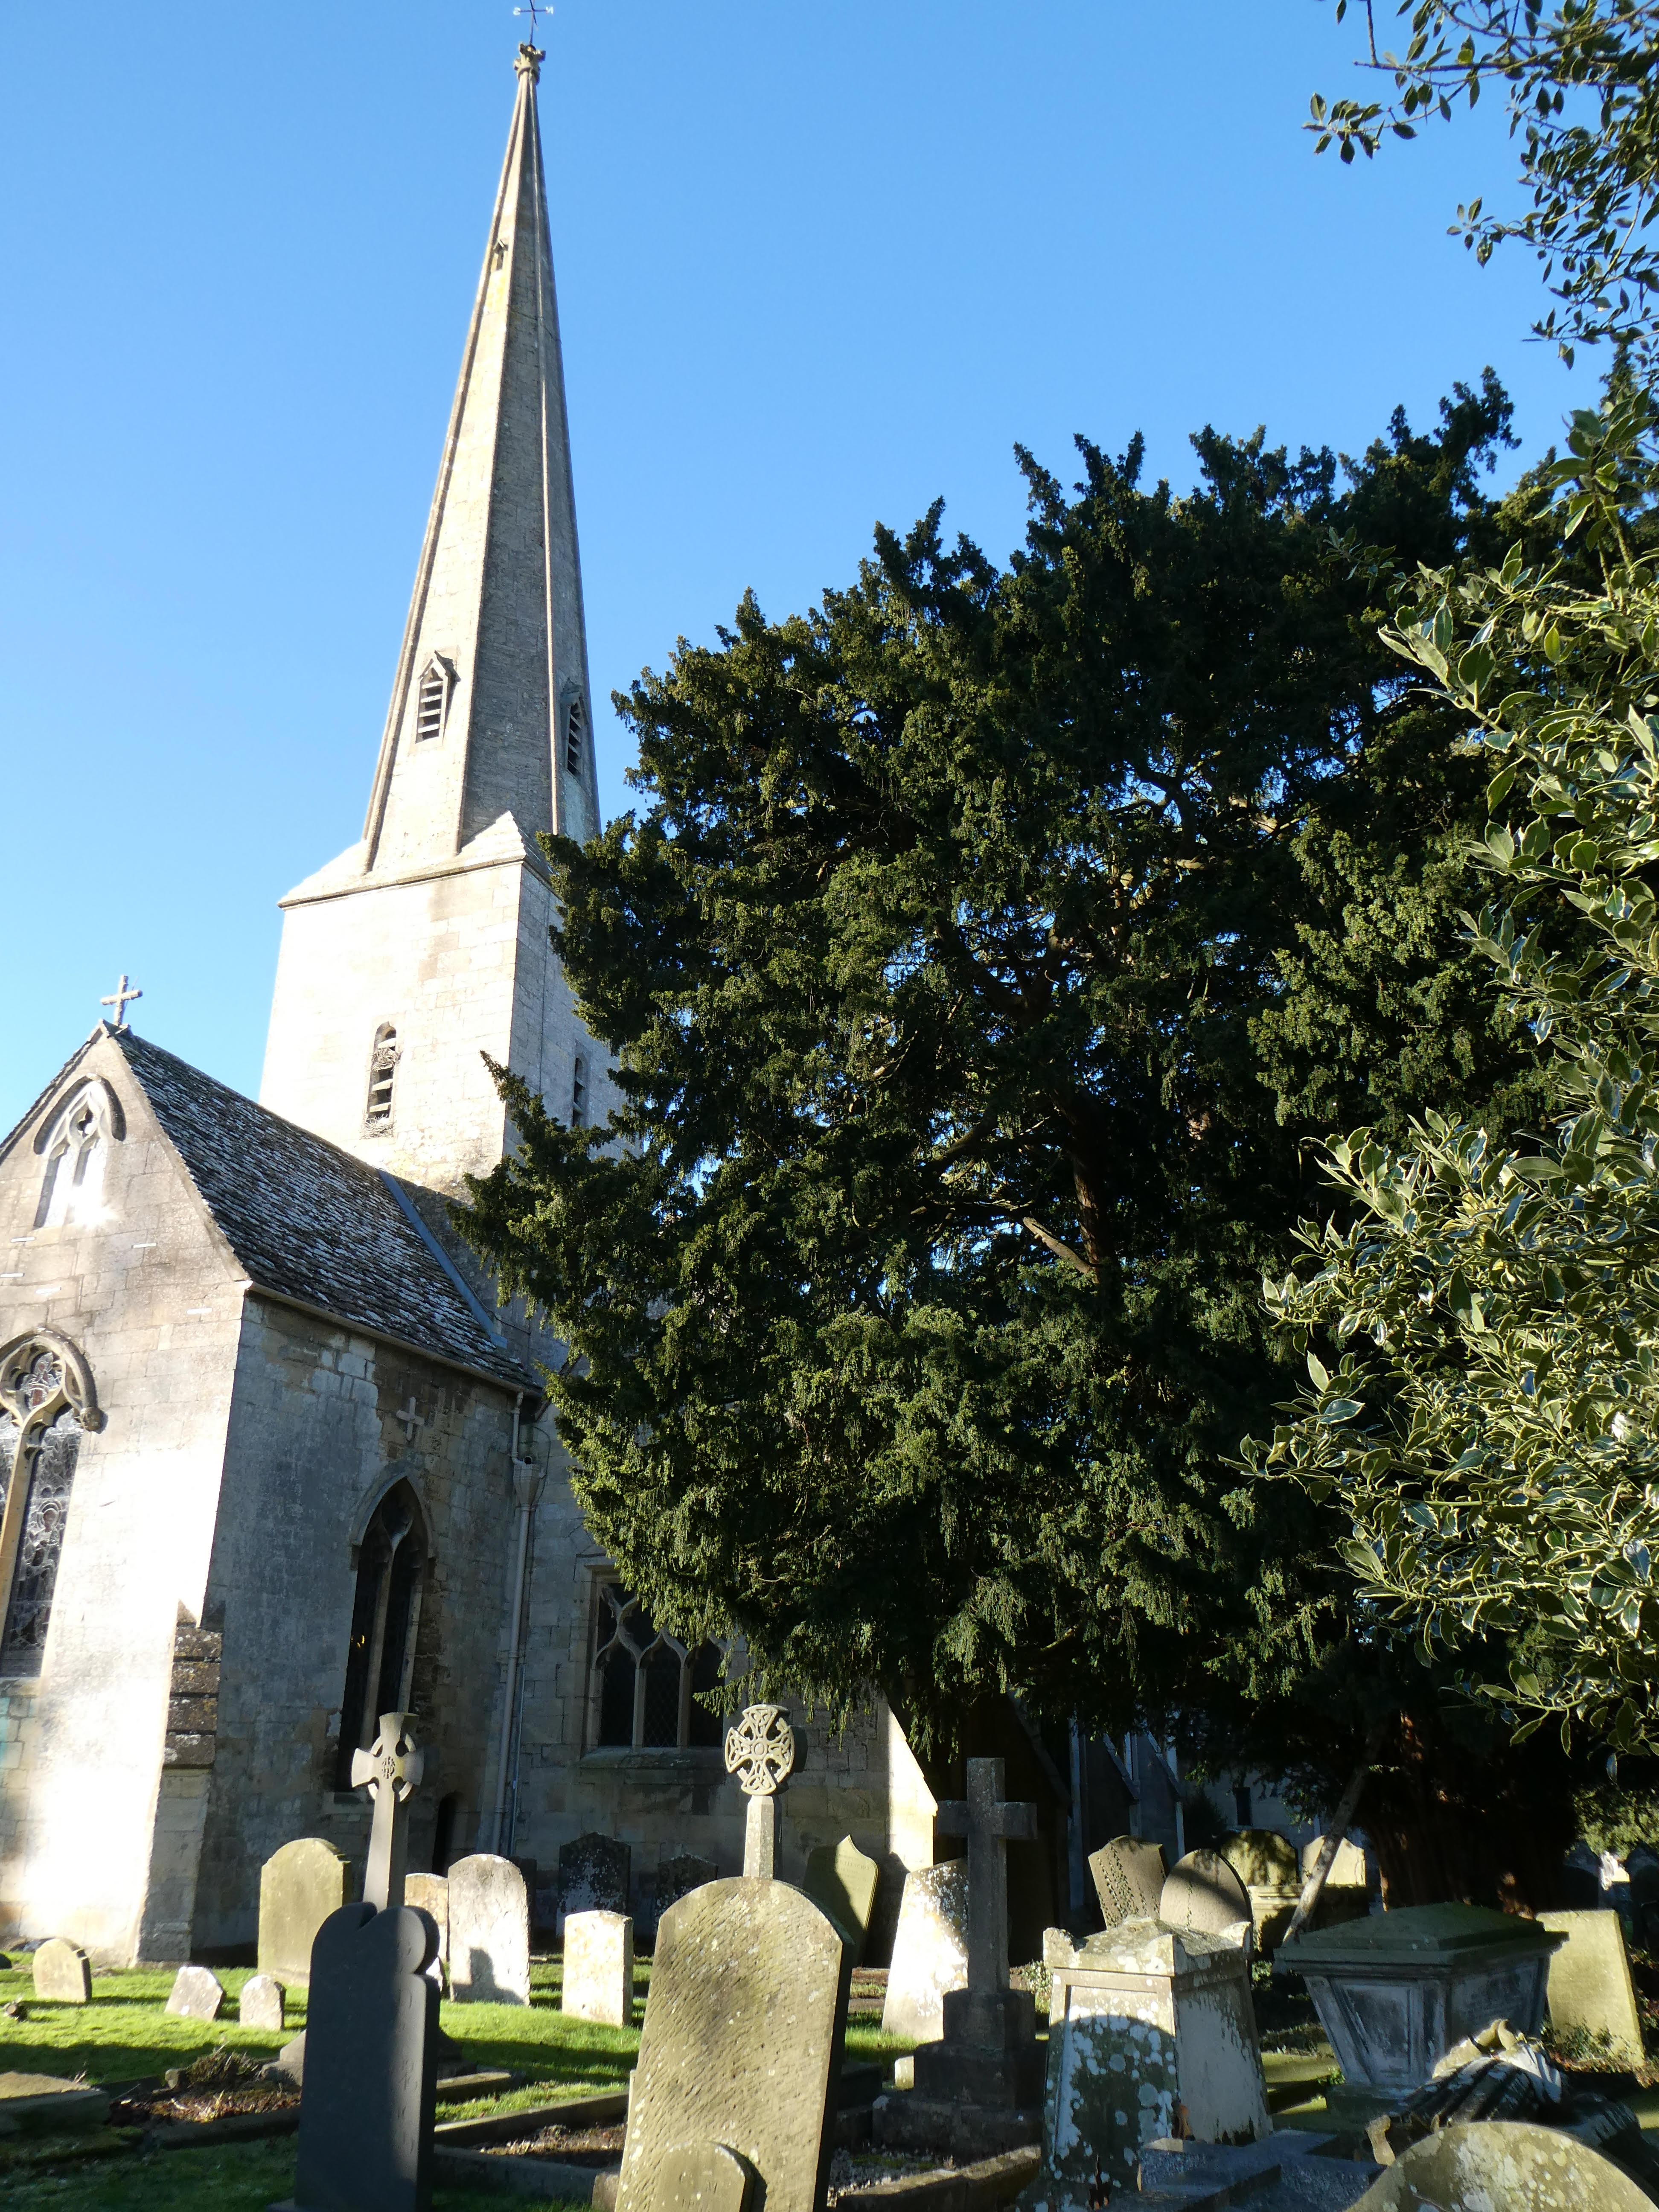 Leckhampton church